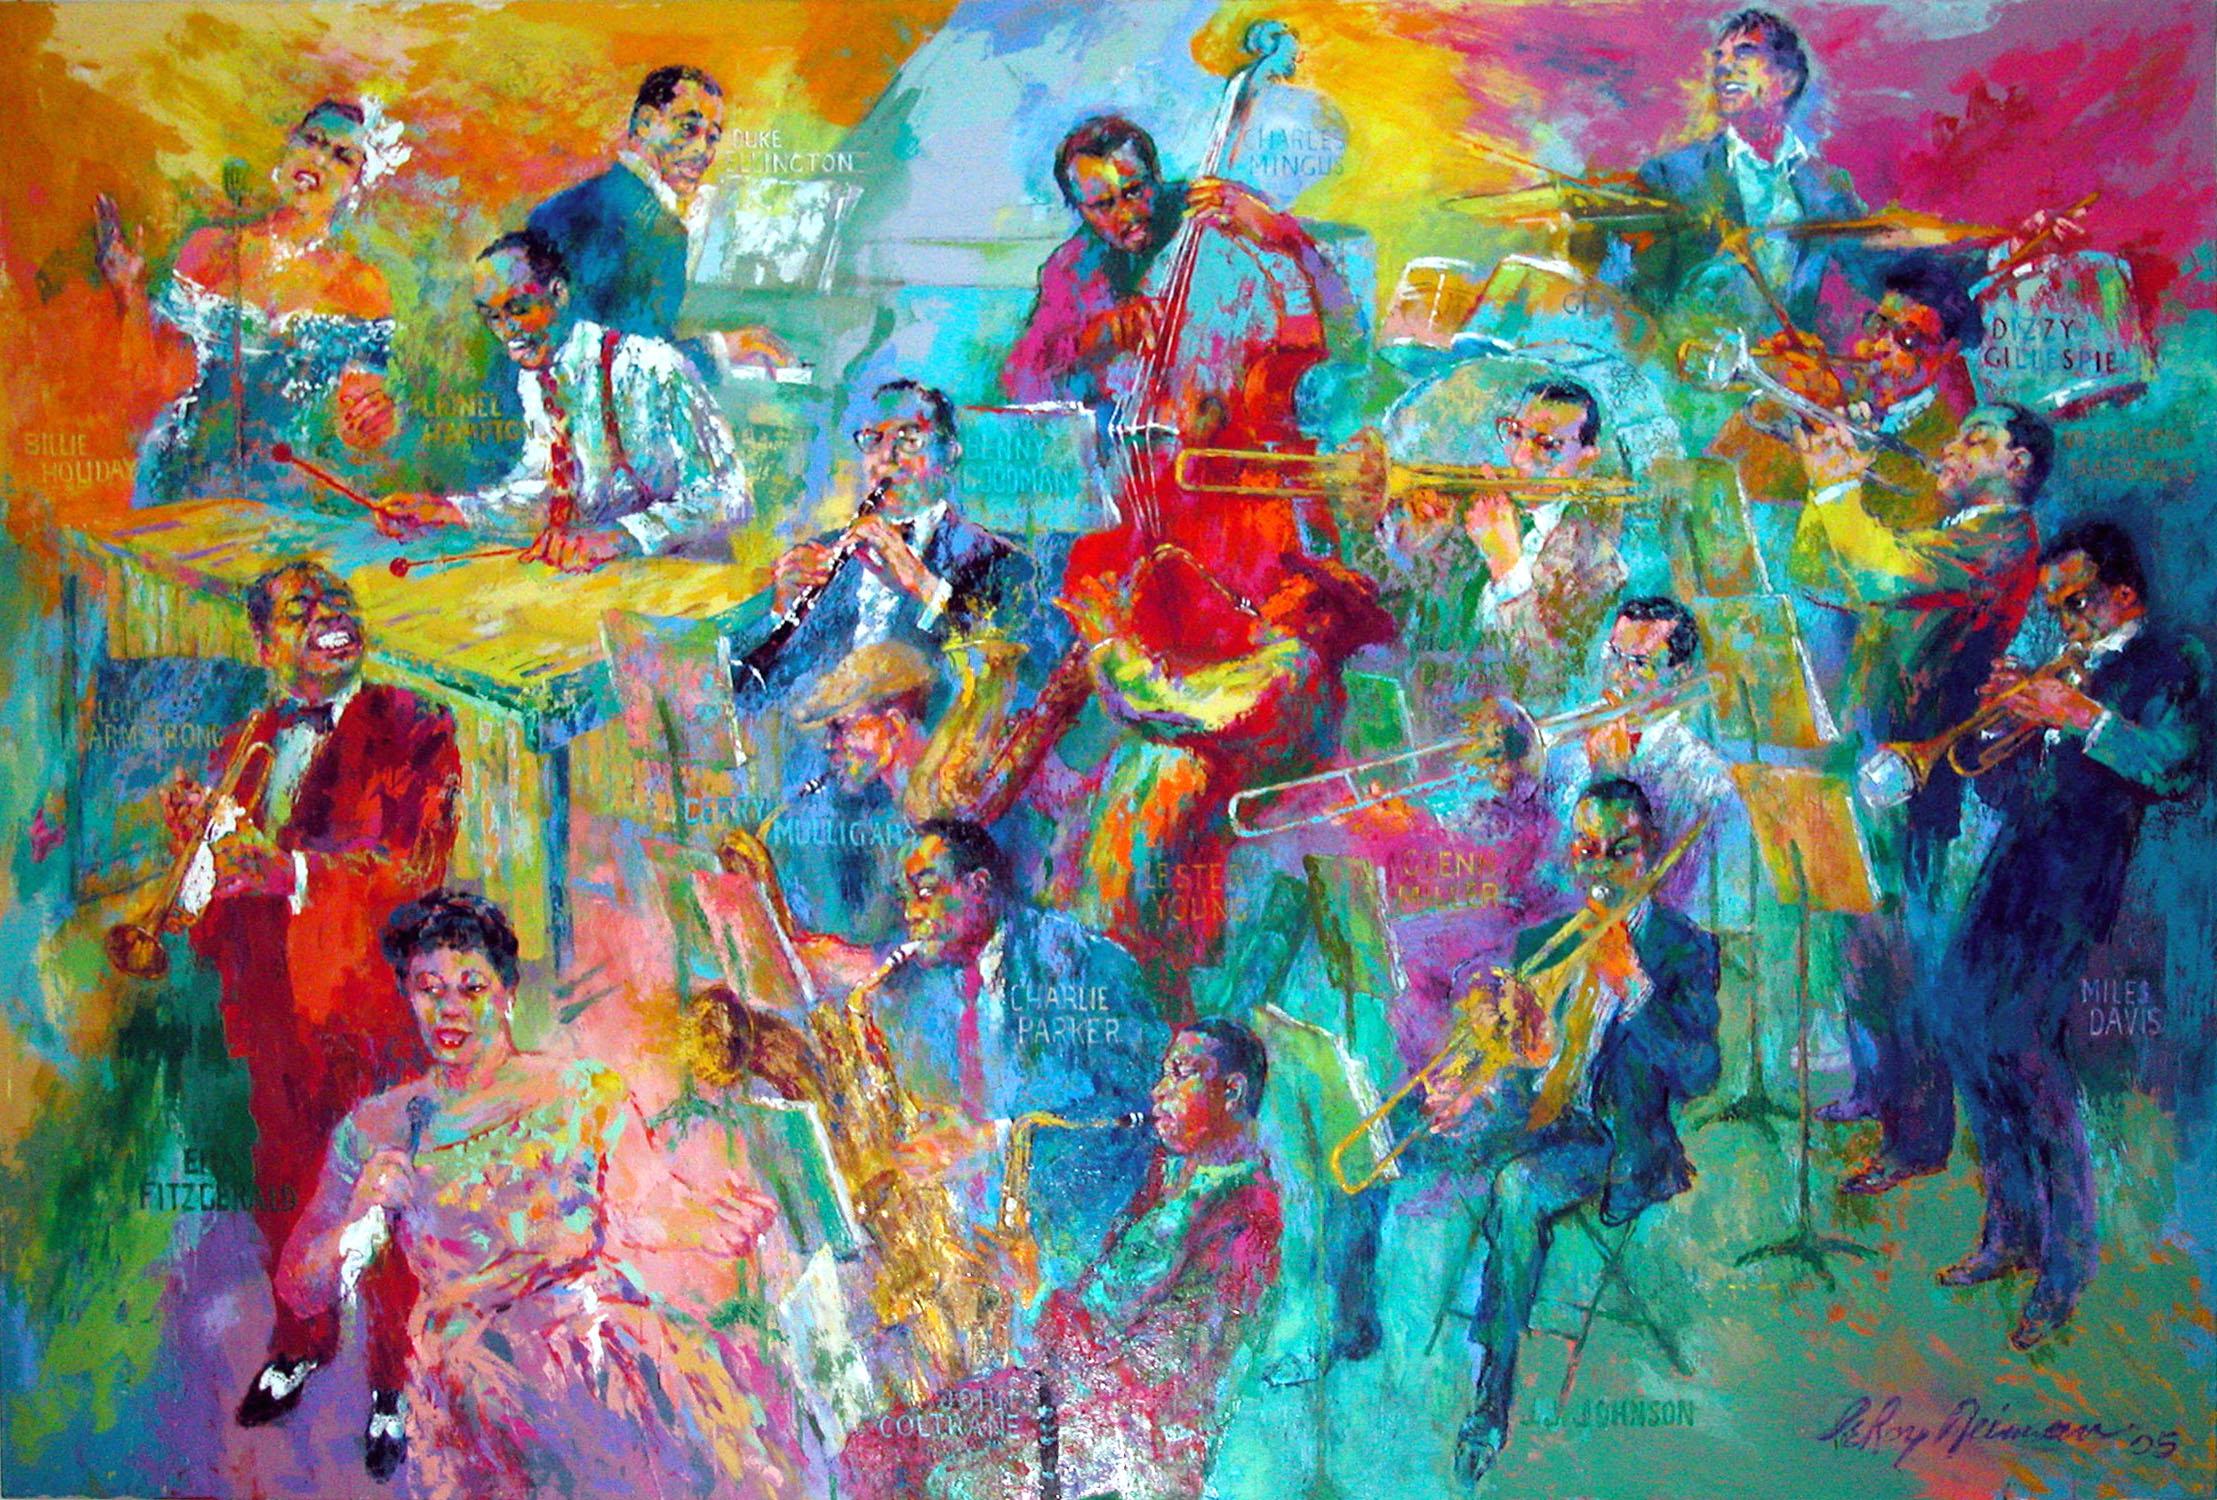 Chris Martin Black Paintings